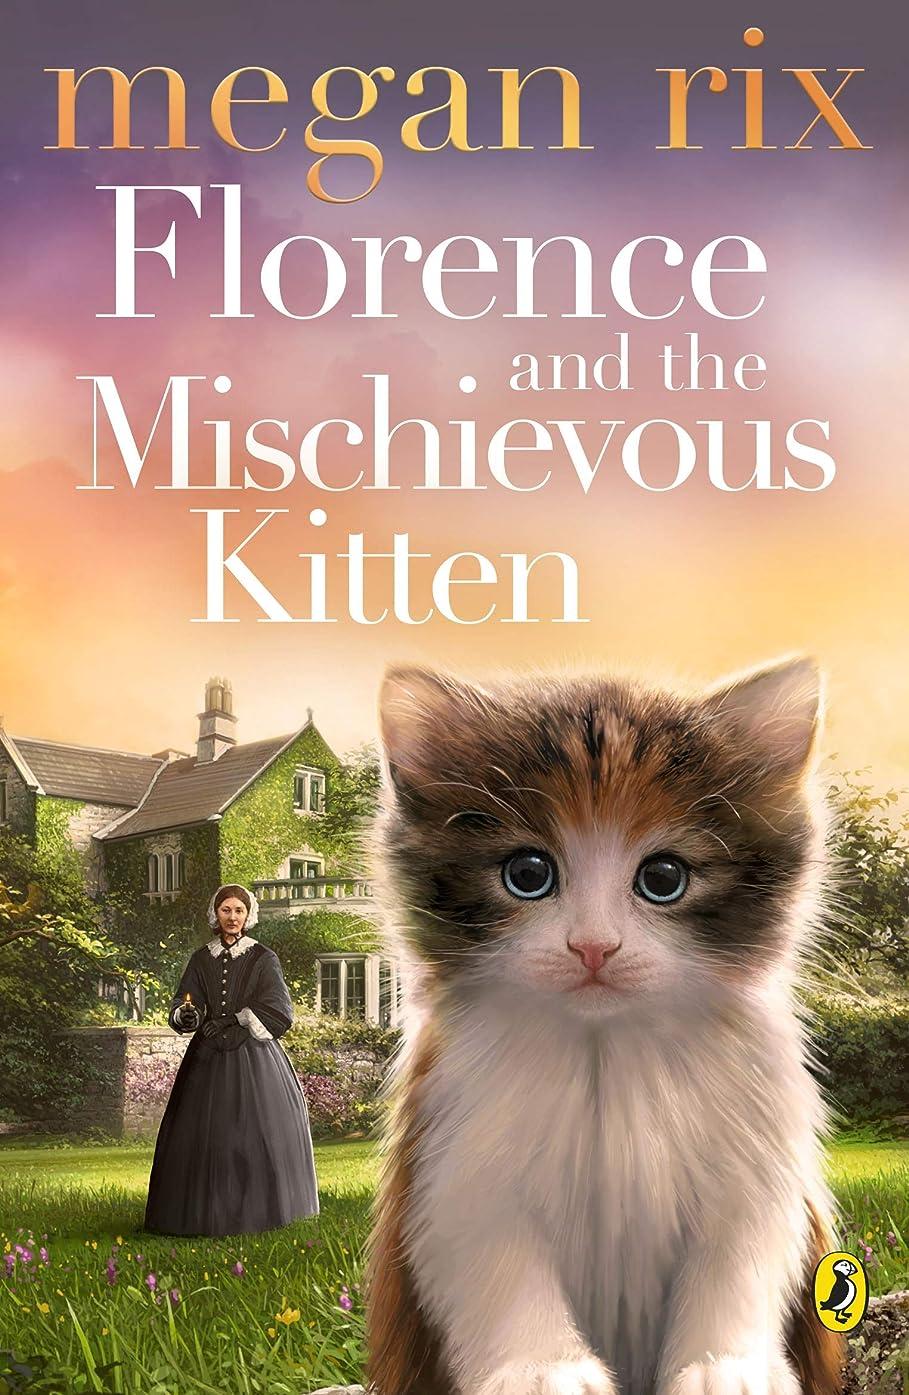 機関統合する透けるFlorence and the Mischievous Kitten (English Edition)